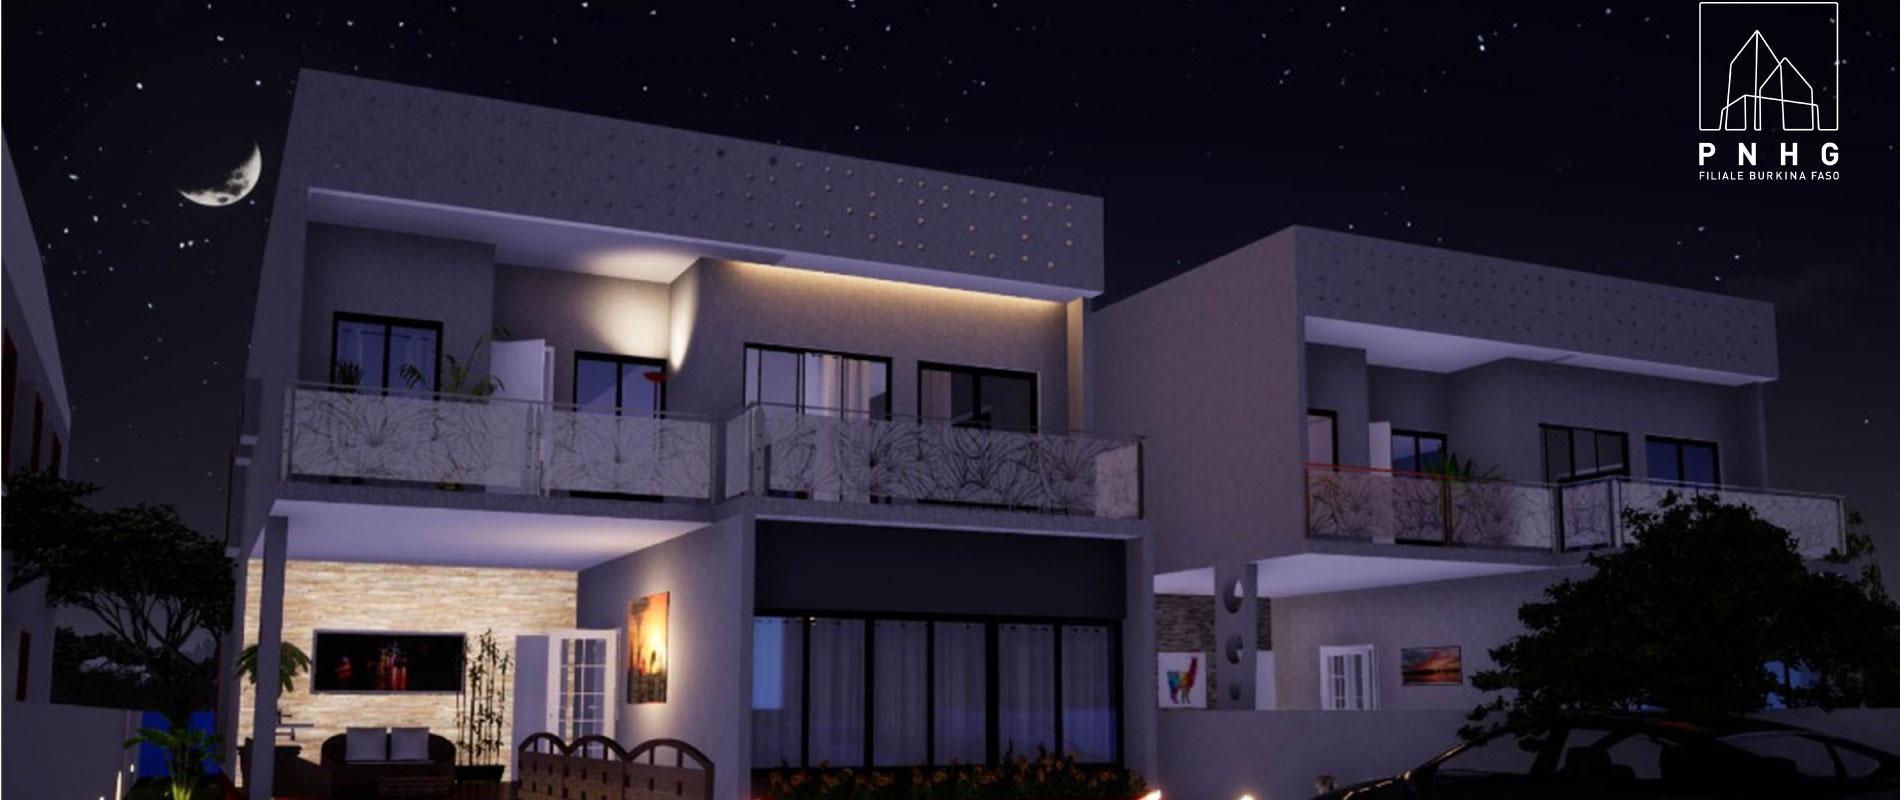 PNBF---slider1---Immobilier---Maison--cite-bioclimatique_f6_